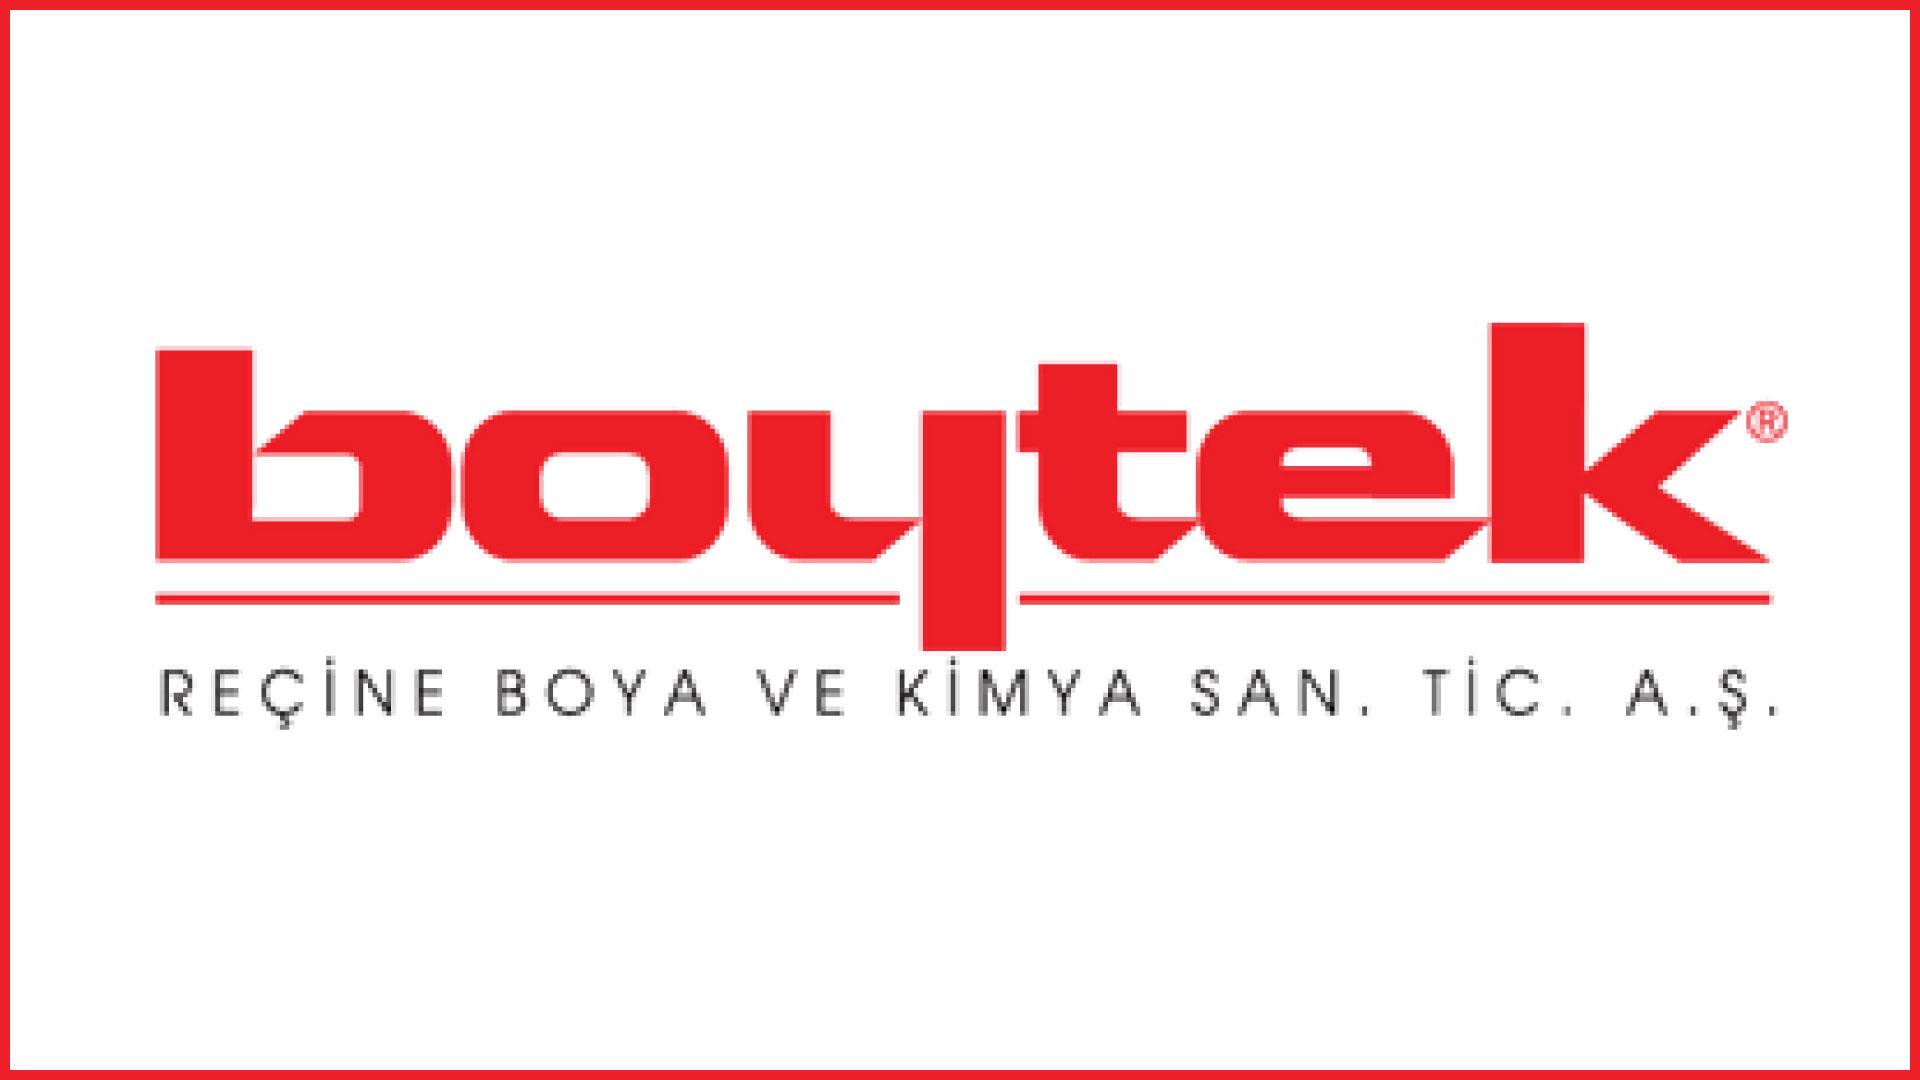 Boytek Reçine, Polyester, Jelkot Satış Logo